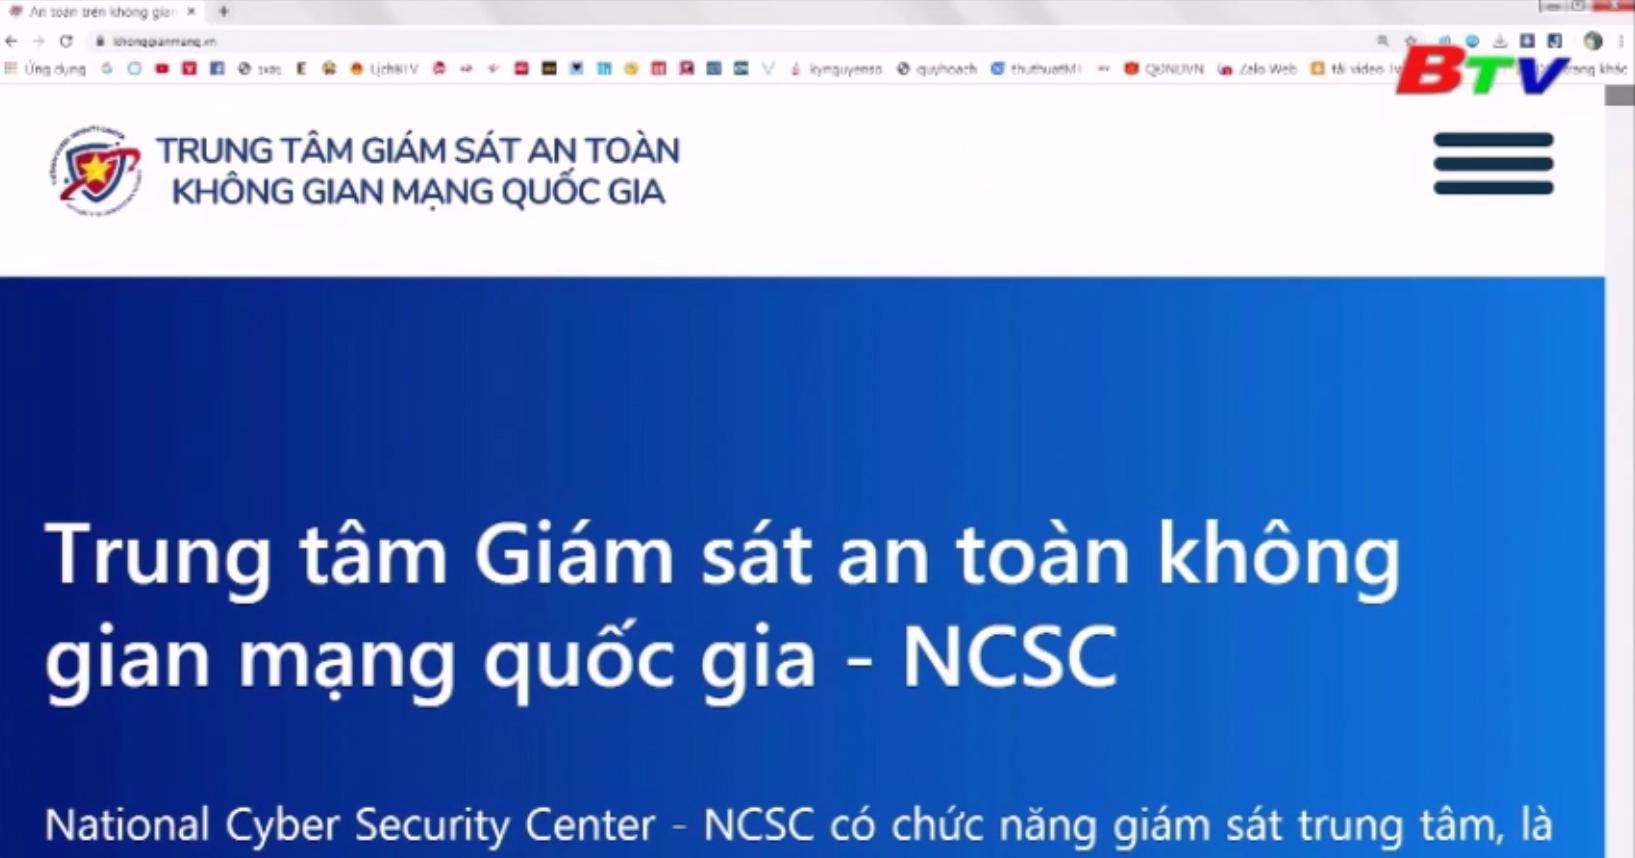 Trung tâm Giám sát an toàn không gian mạng Quốc gia ra mắt website khonggianmang.vn